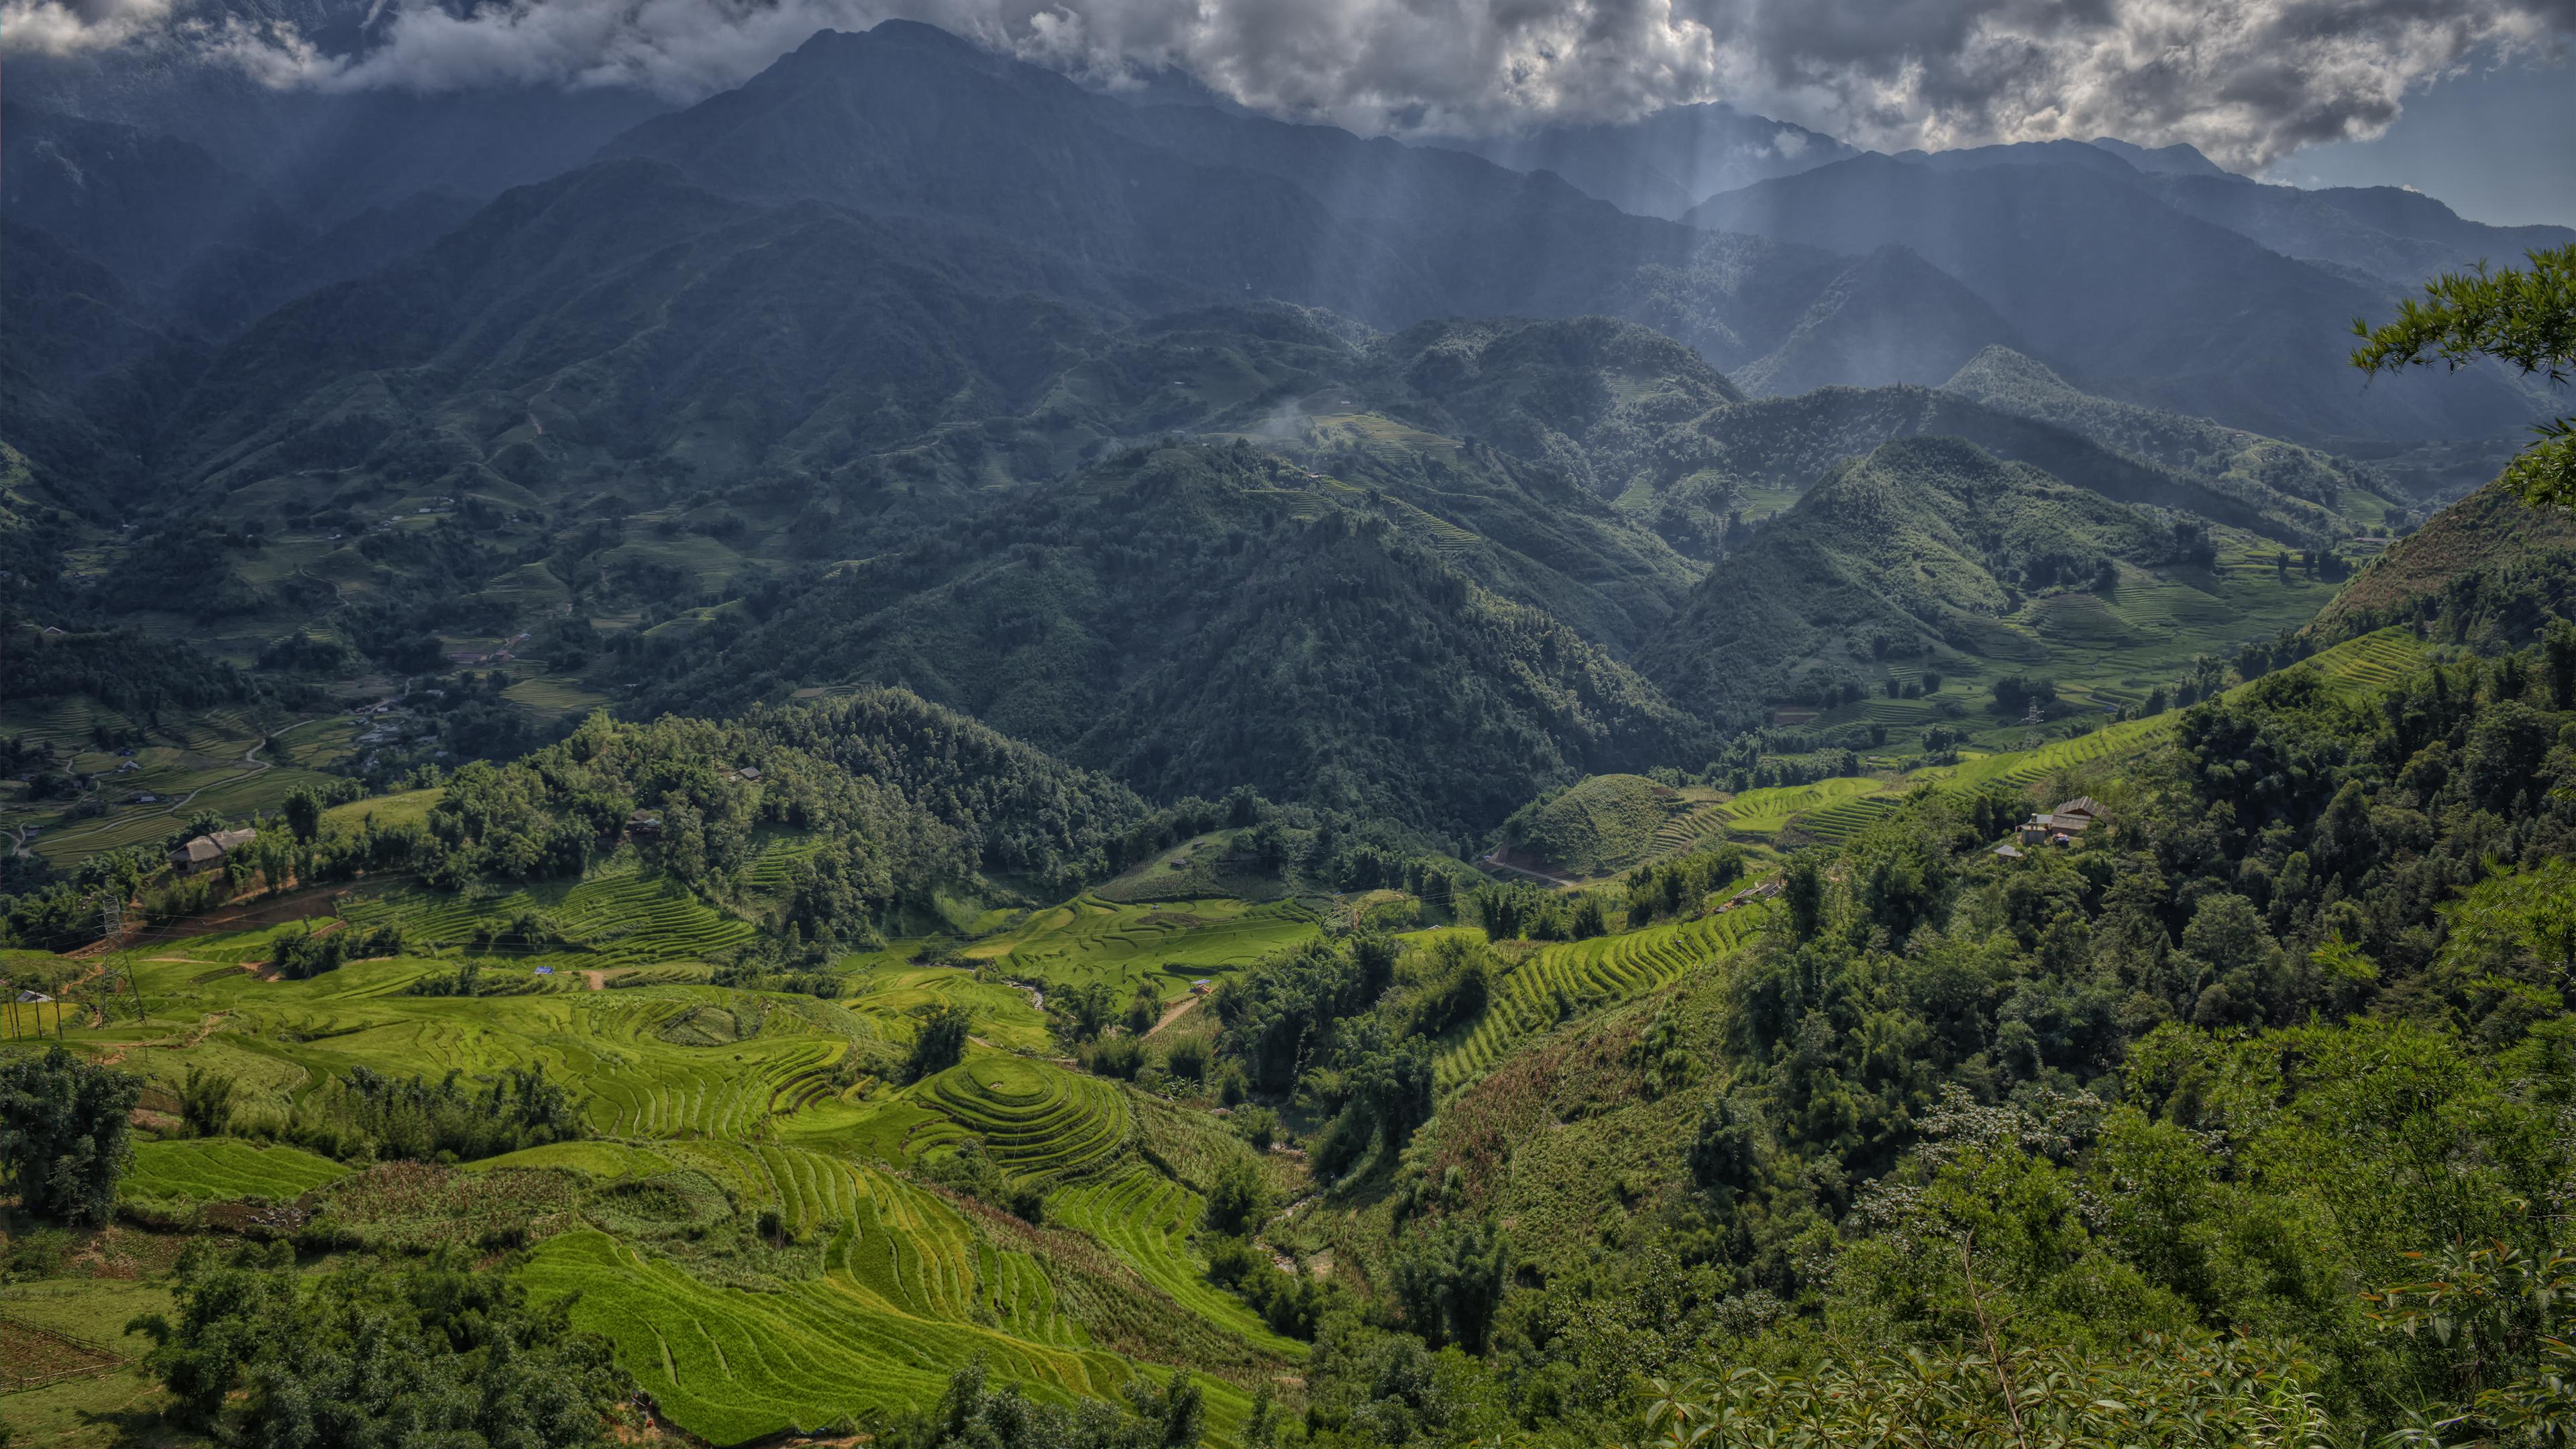 Lao Cai Rice Terraces